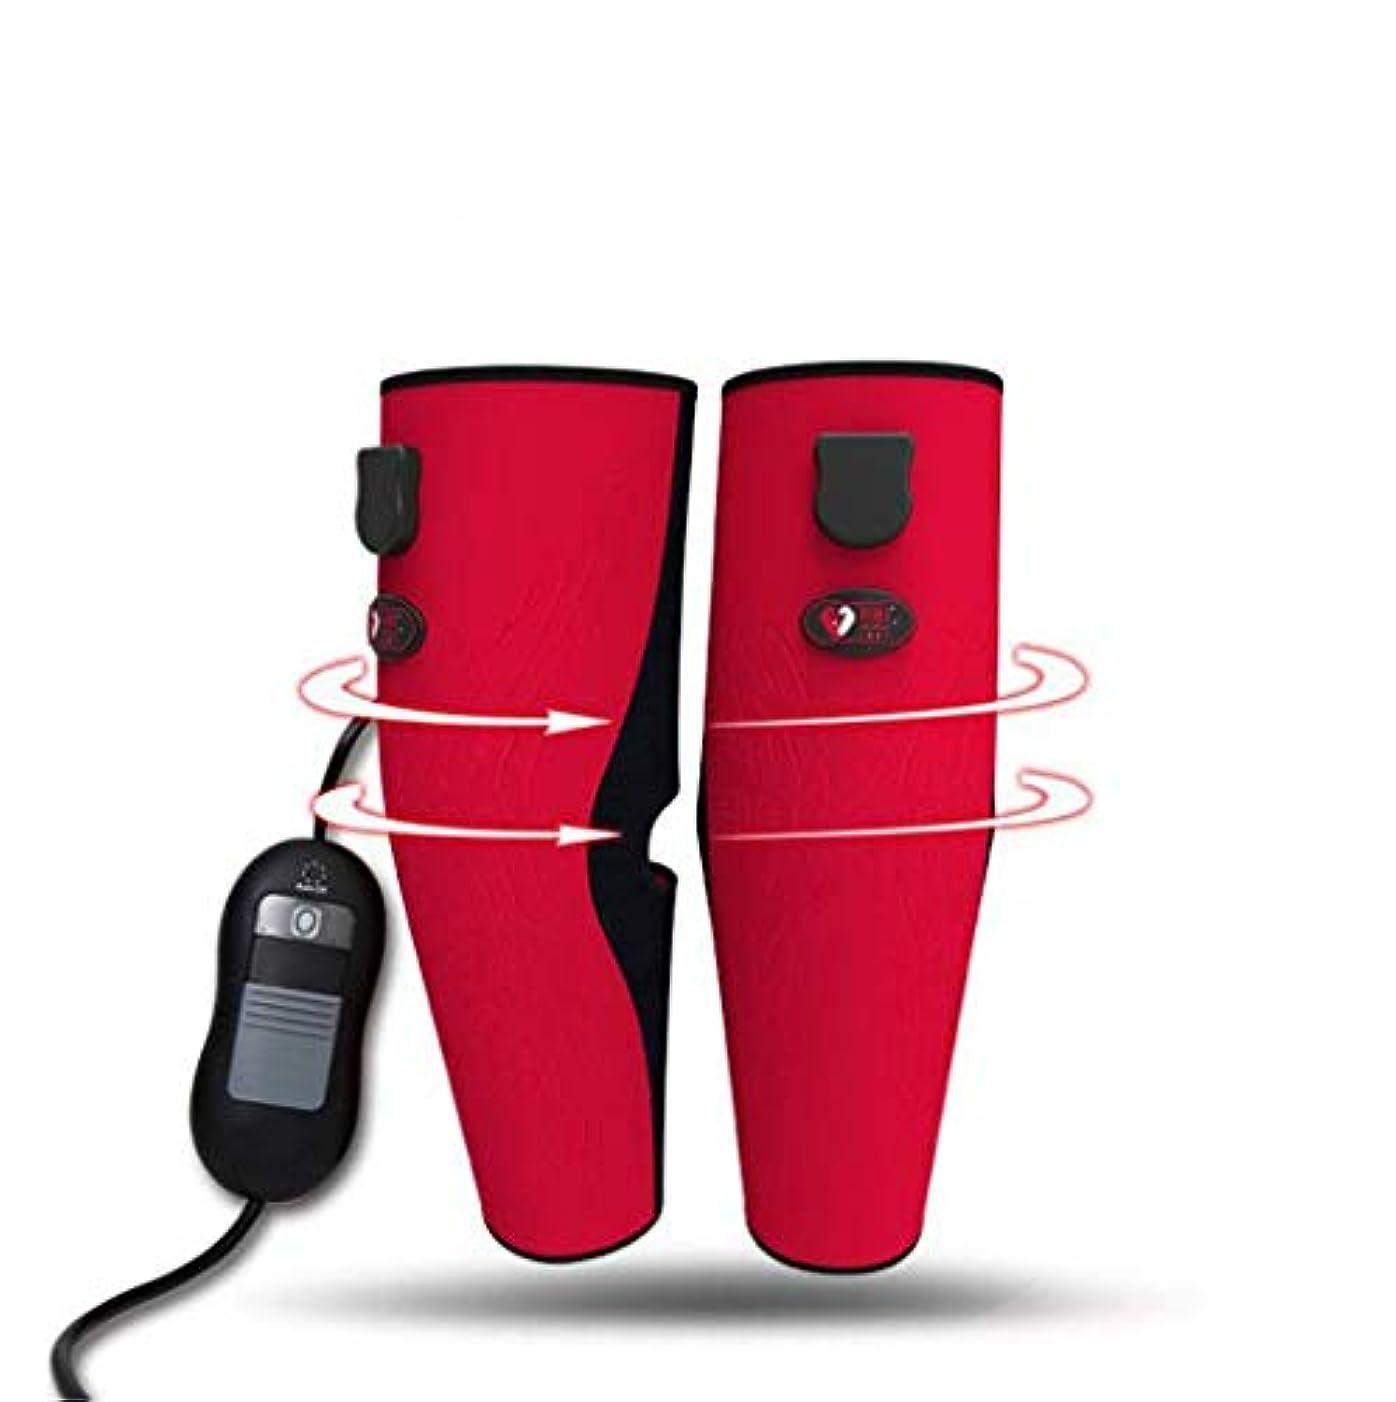 集めるナプキン醜い温められた足のマッサージャー、膝と足の痛みを和らげる治療装置、3モード温度制御の痛みを和らげる治療装置